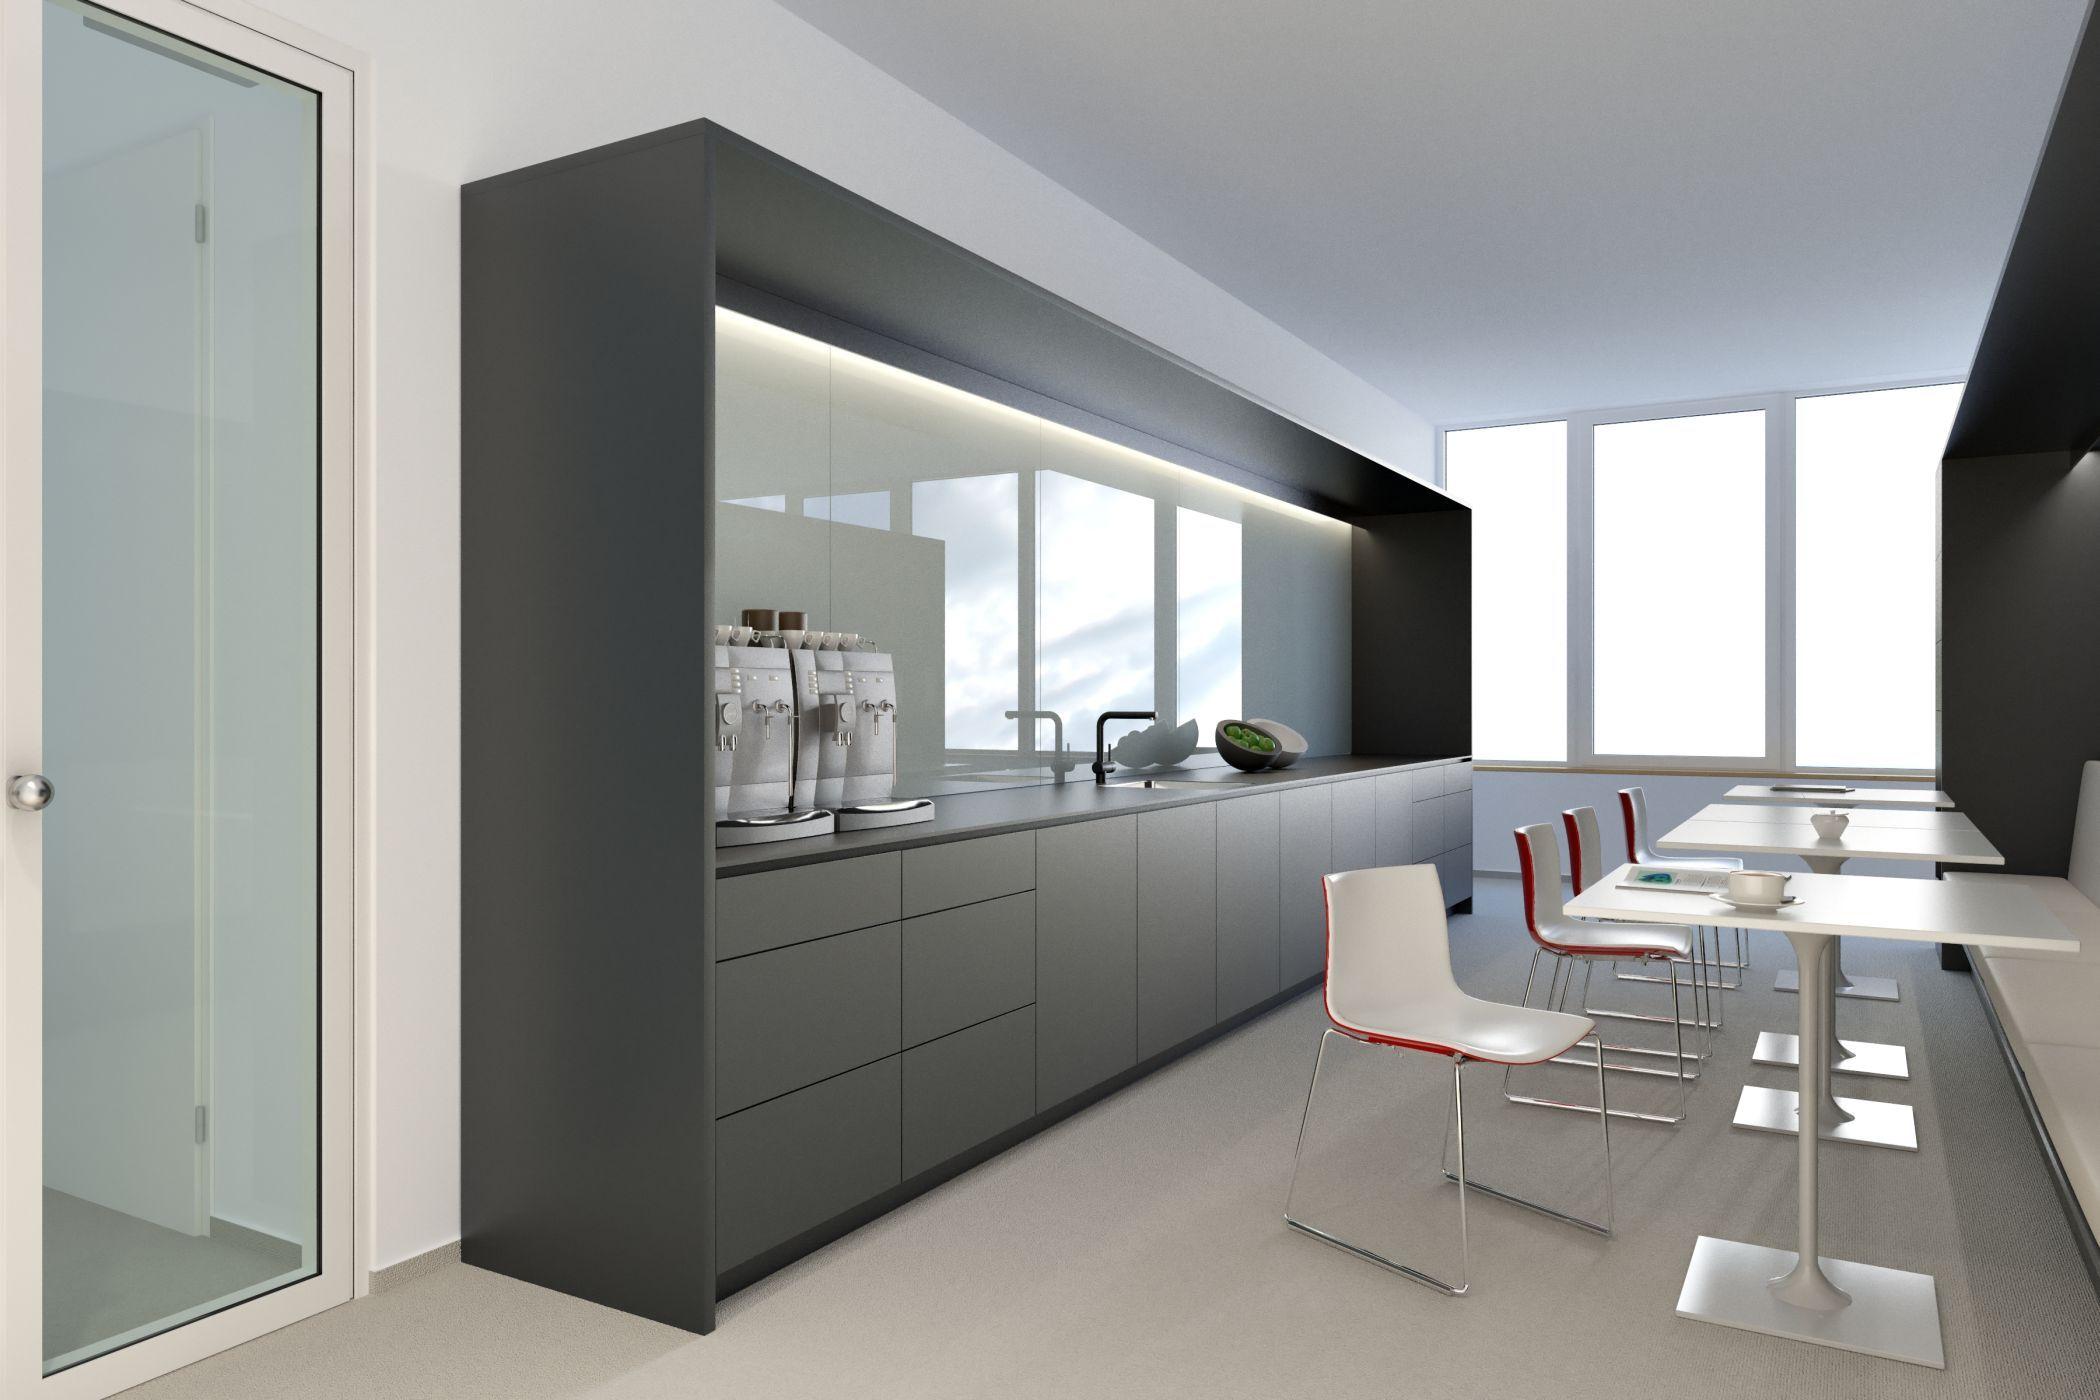 bulthaup b3 k che wetzlar ganter isenb ckganter isenb ck inspiration housing seniorcenter. Black Bedroom Furniture Sets. Home Design Ideas